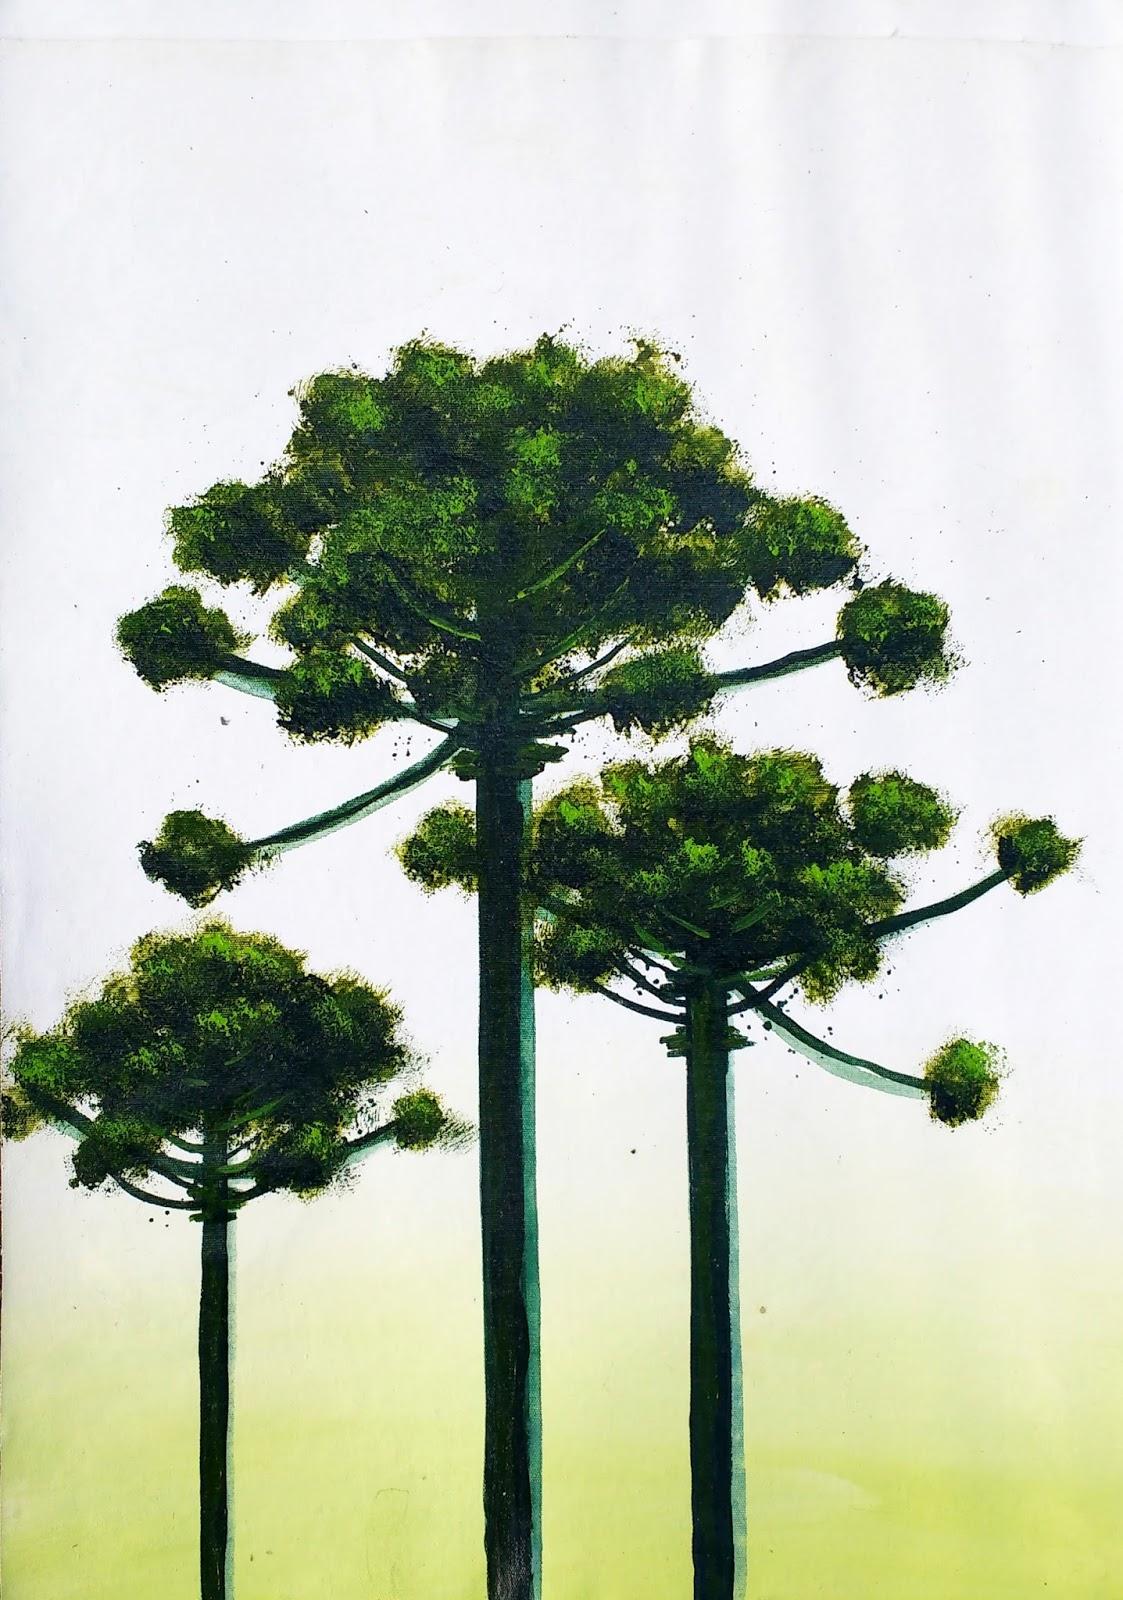 Araucaria III quadro em acrílico sobre tela com tema do Paraná